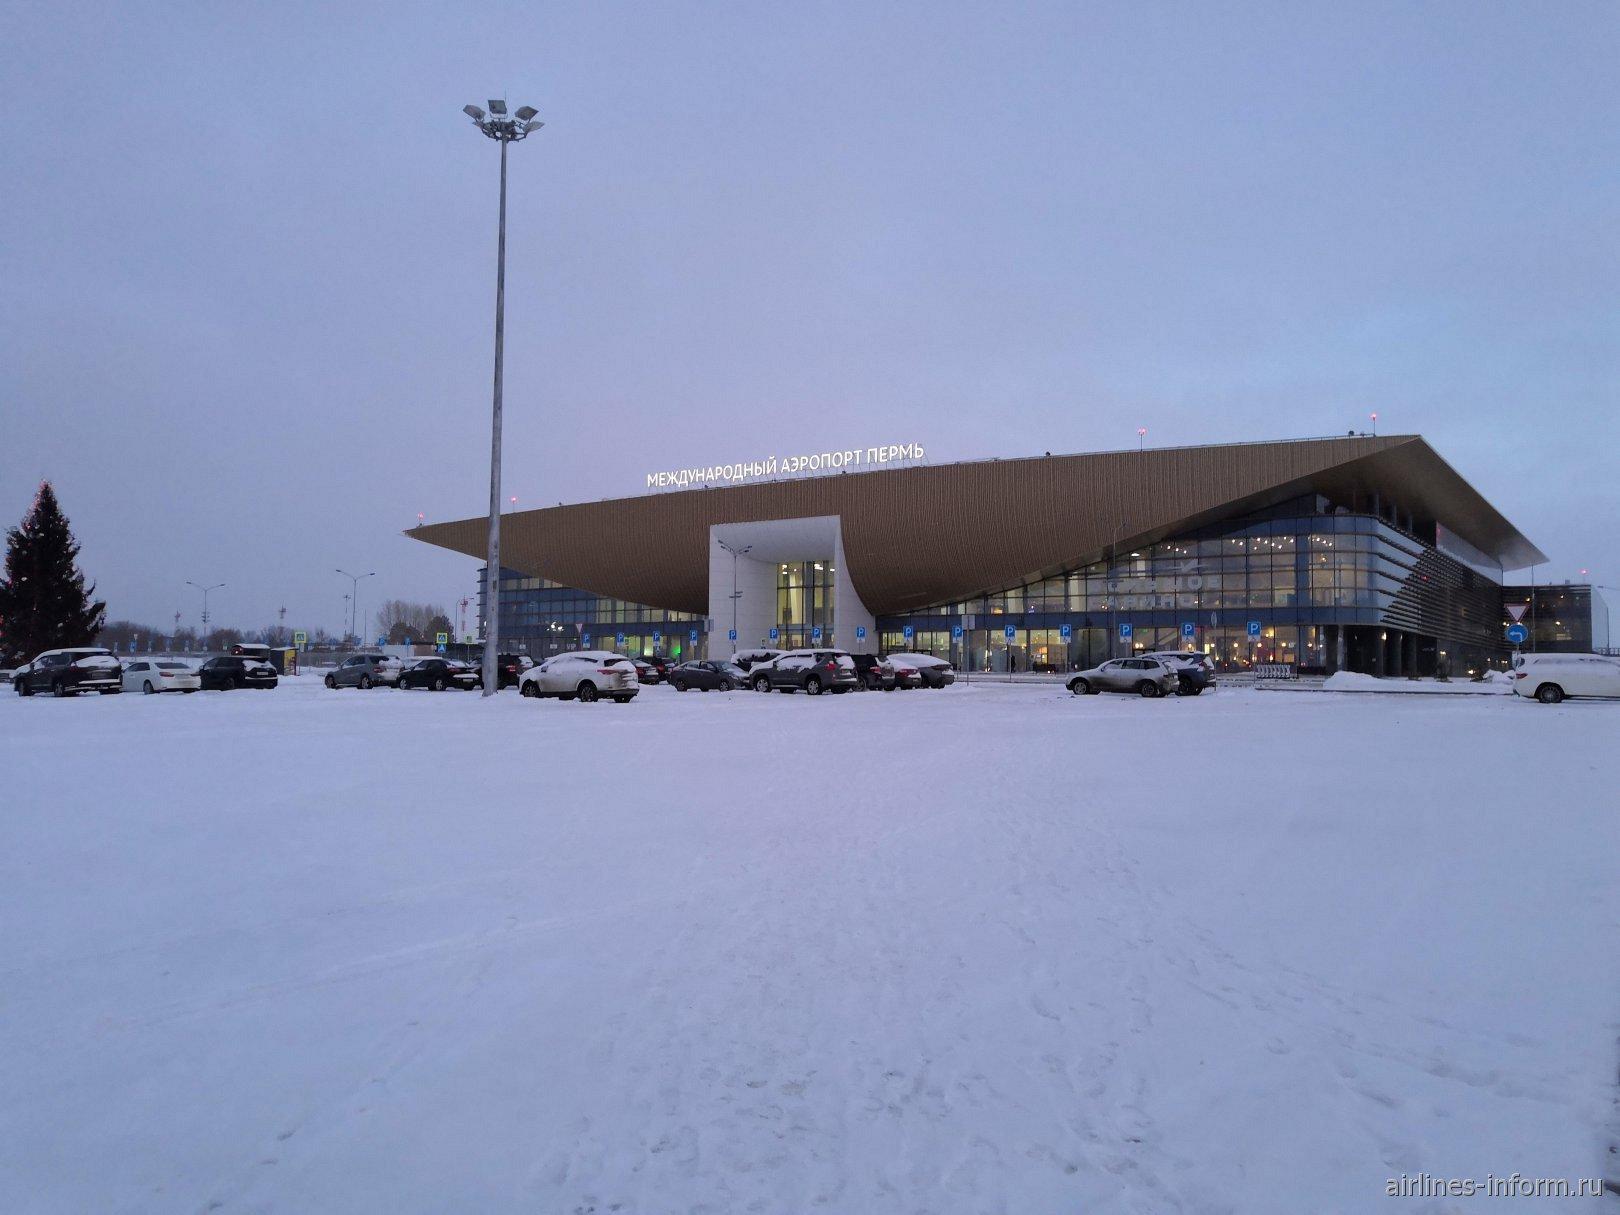 Привокзальная площадь аэропорта Пермь Большое Савино